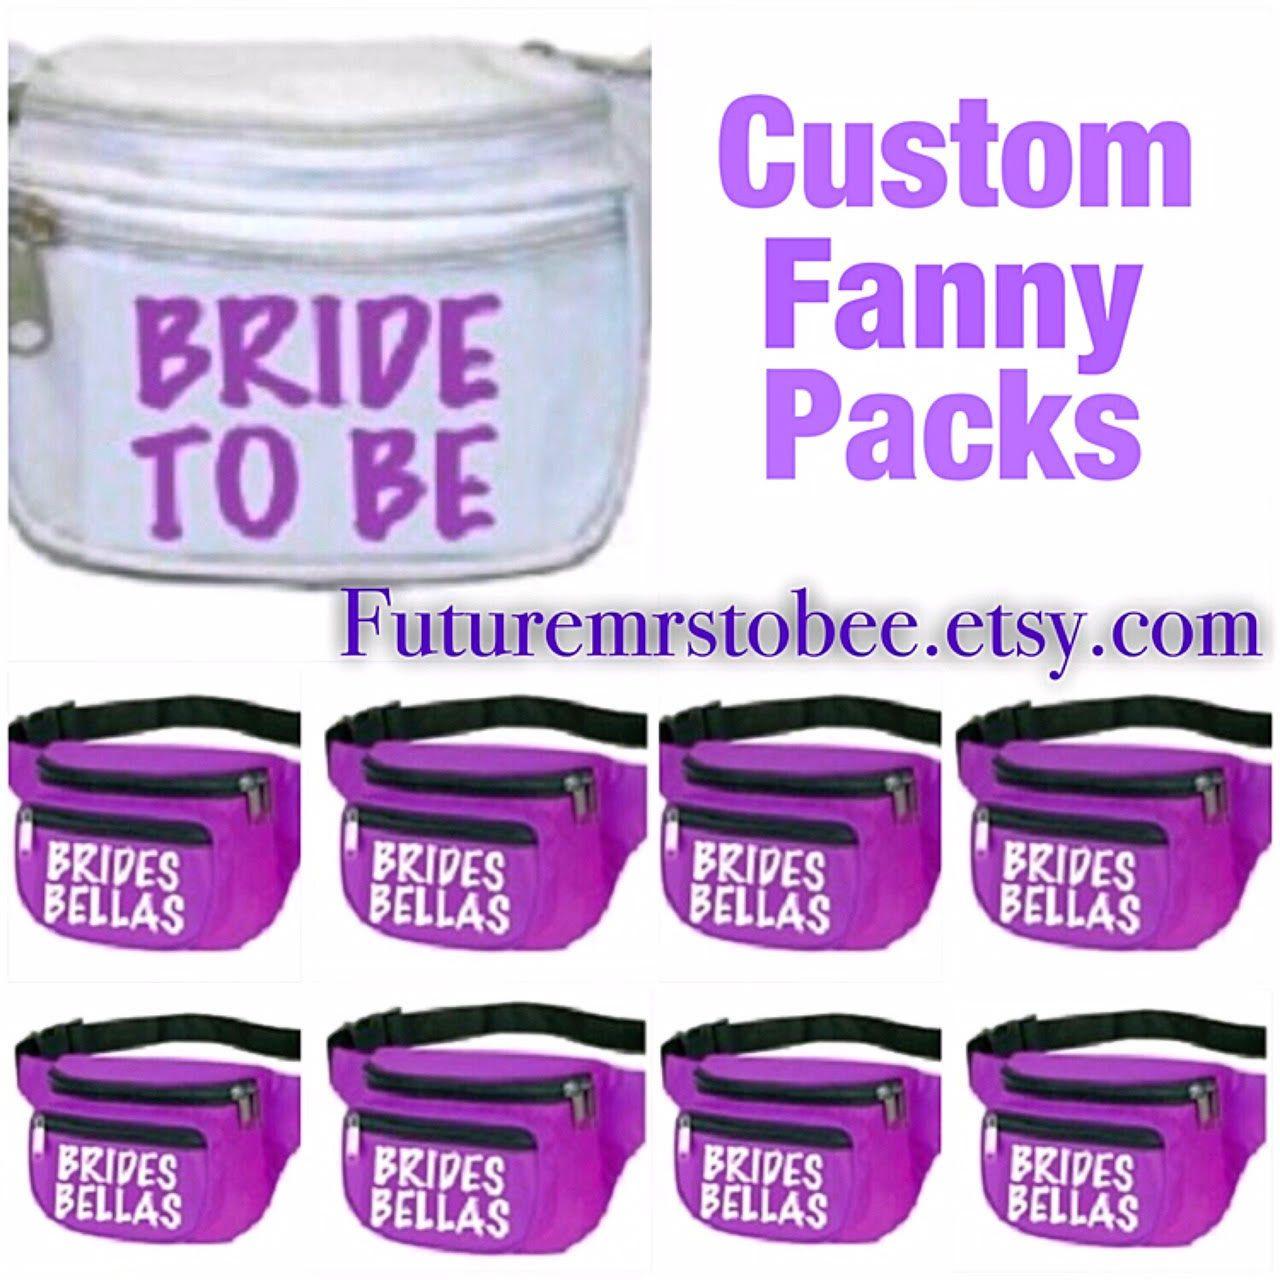 9d1e16b82844 Bride to be Fanny Pack,Brides Bellas, Fanny Packs, Bachelorette ...